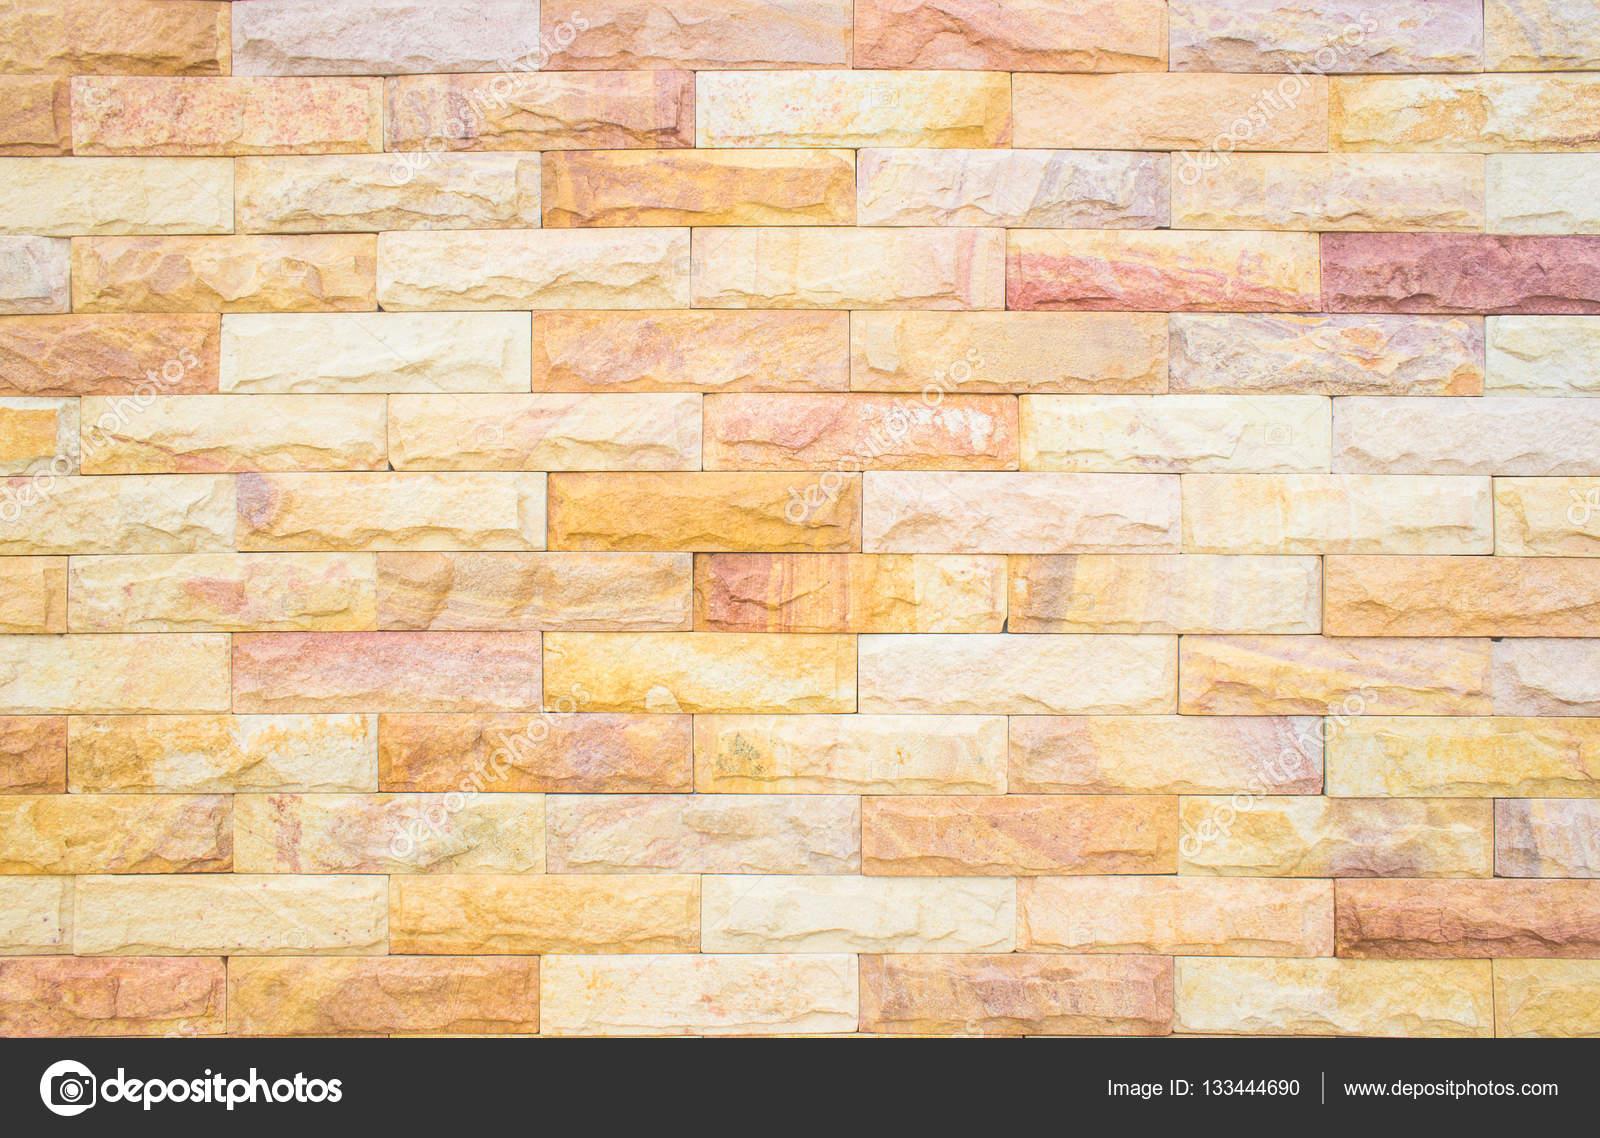 Schwarz / Weiß Ziegel Wand Textur Hintergrund. Abstrakte Verwitterte Textur  Alten Stuck Hellgrau Gefärbt Und Im Alter Lack Weiße Ziegel Wand  Hintergrund Im ...